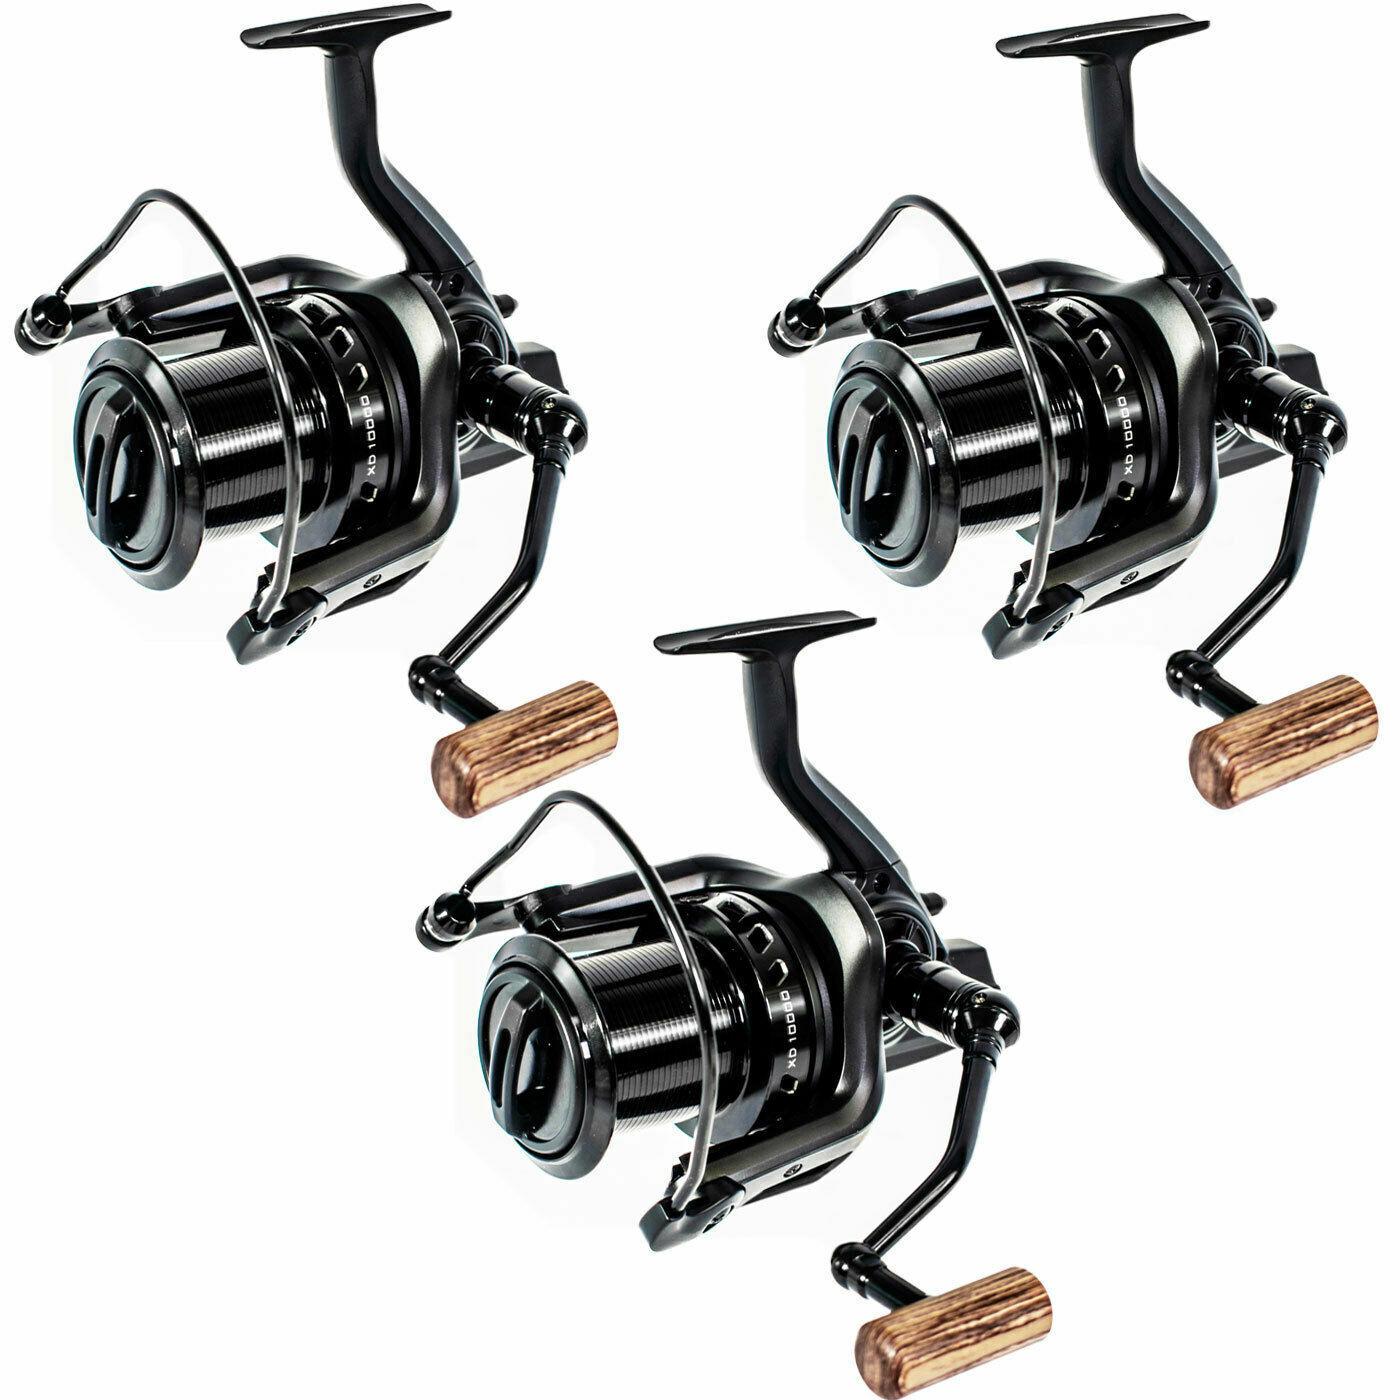 3 x Sonik Tournos XD 10000 Big Pit Carp Fishing Reel